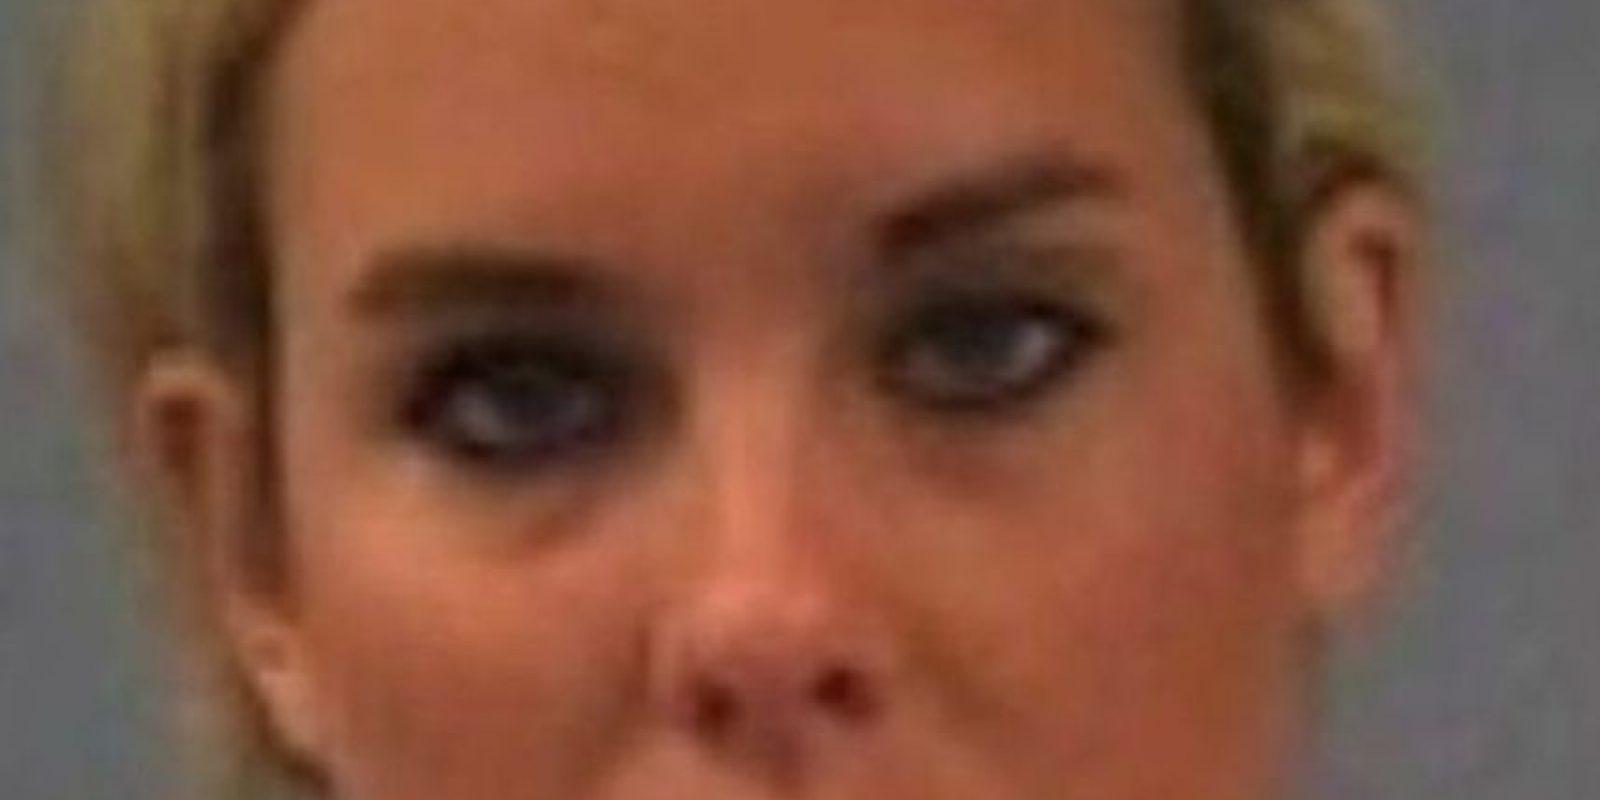 Alison Peck, de 23 años, fue acusada de tener relaciones con un alumno de 16 años Foto:wnd.com